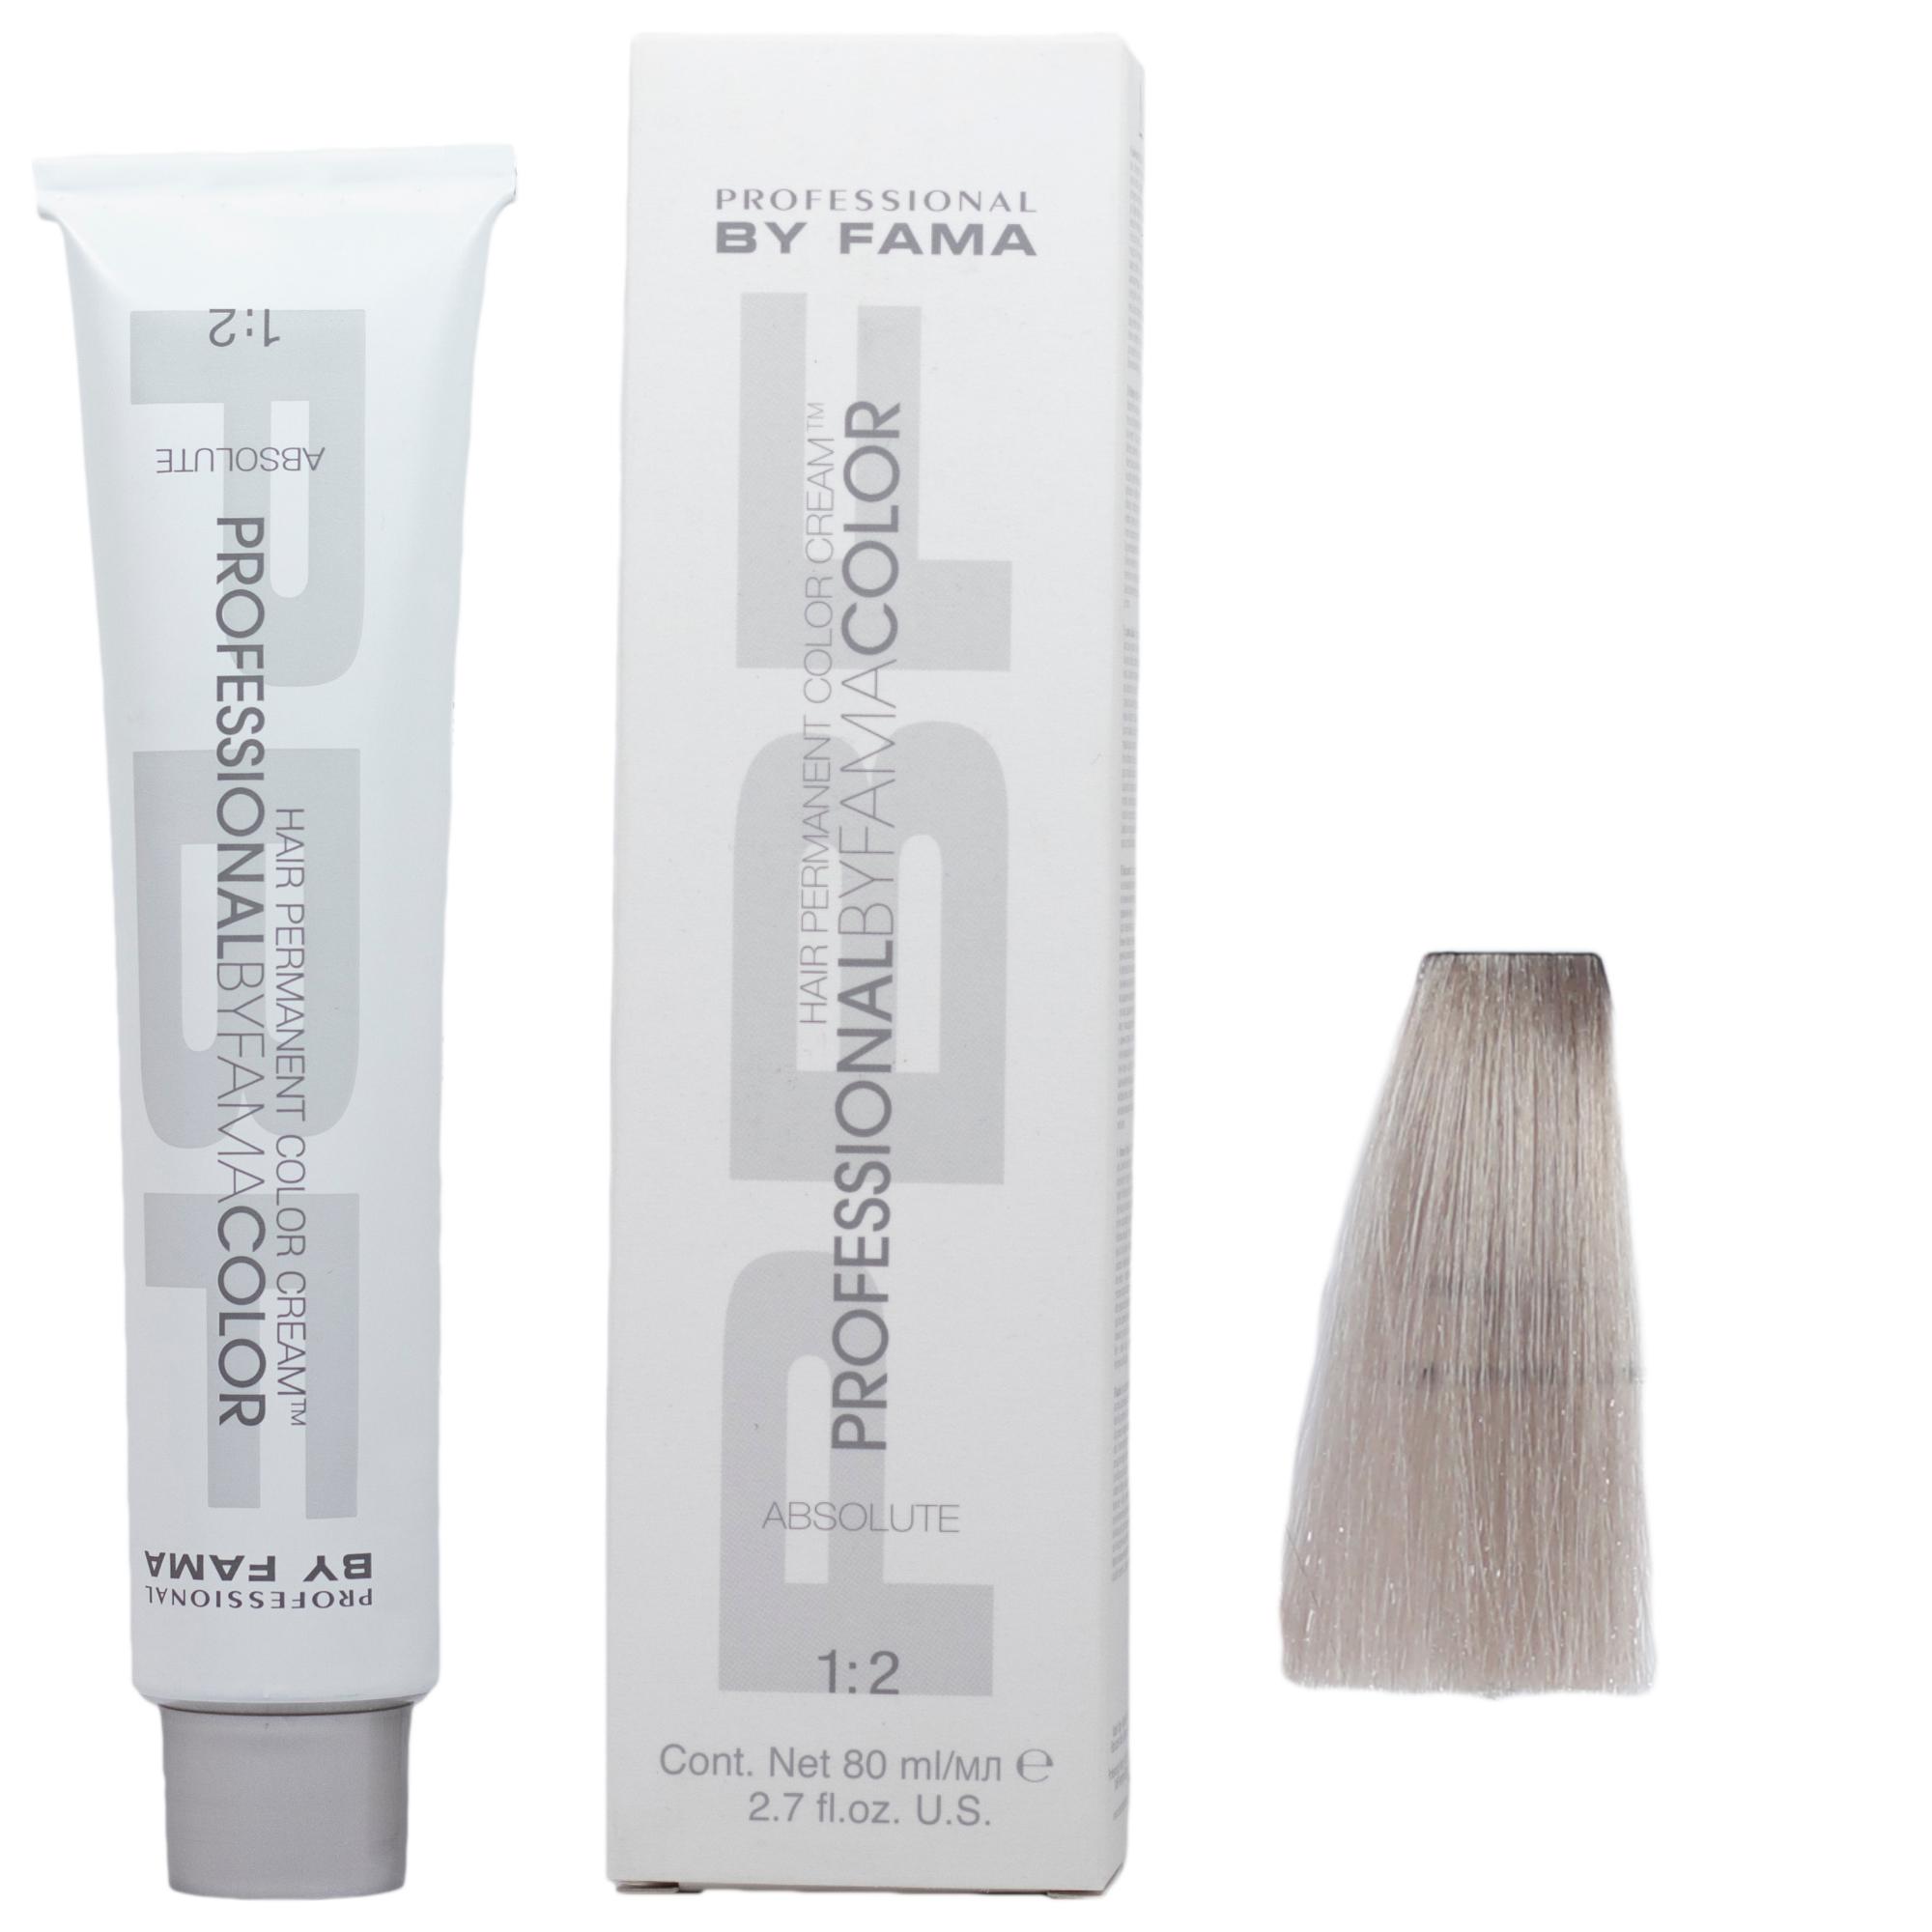 رنگ مو پروفشنال بای فاما سری ابسولوت شماره 10/89 حجم 80 میلی لیتر رنگ خاکستری مرواریدی